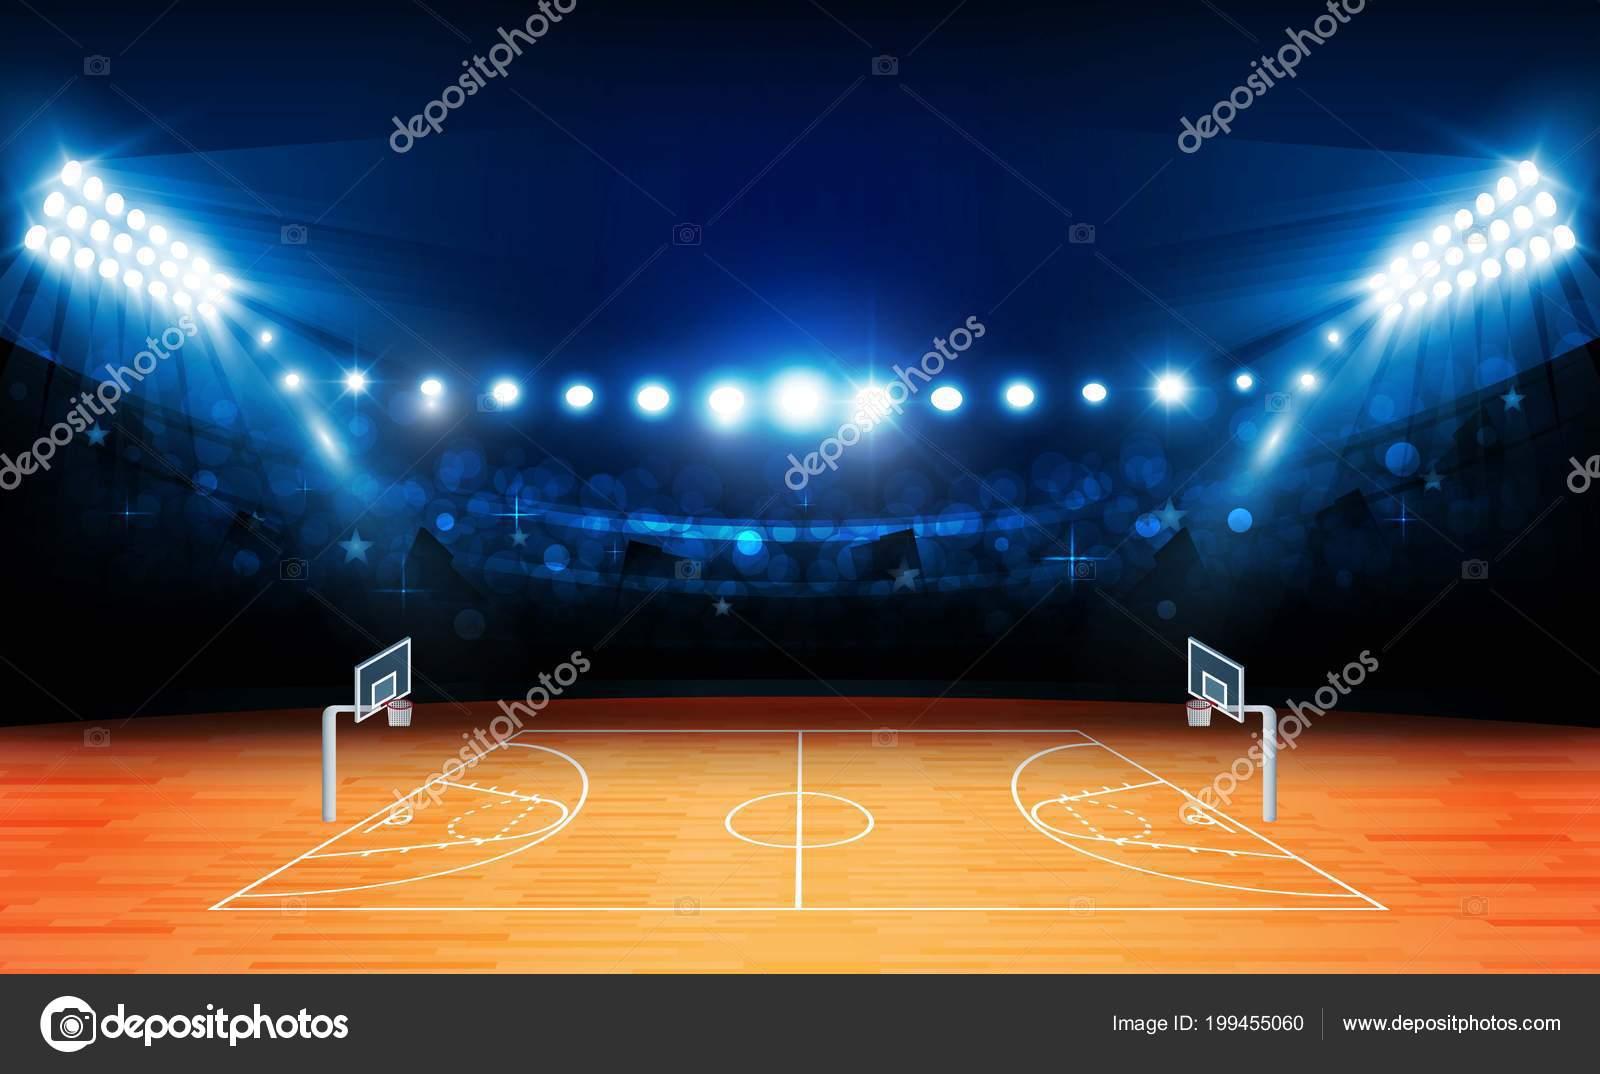 Campo basket arena con disegno luci luminose stadio illuminazione